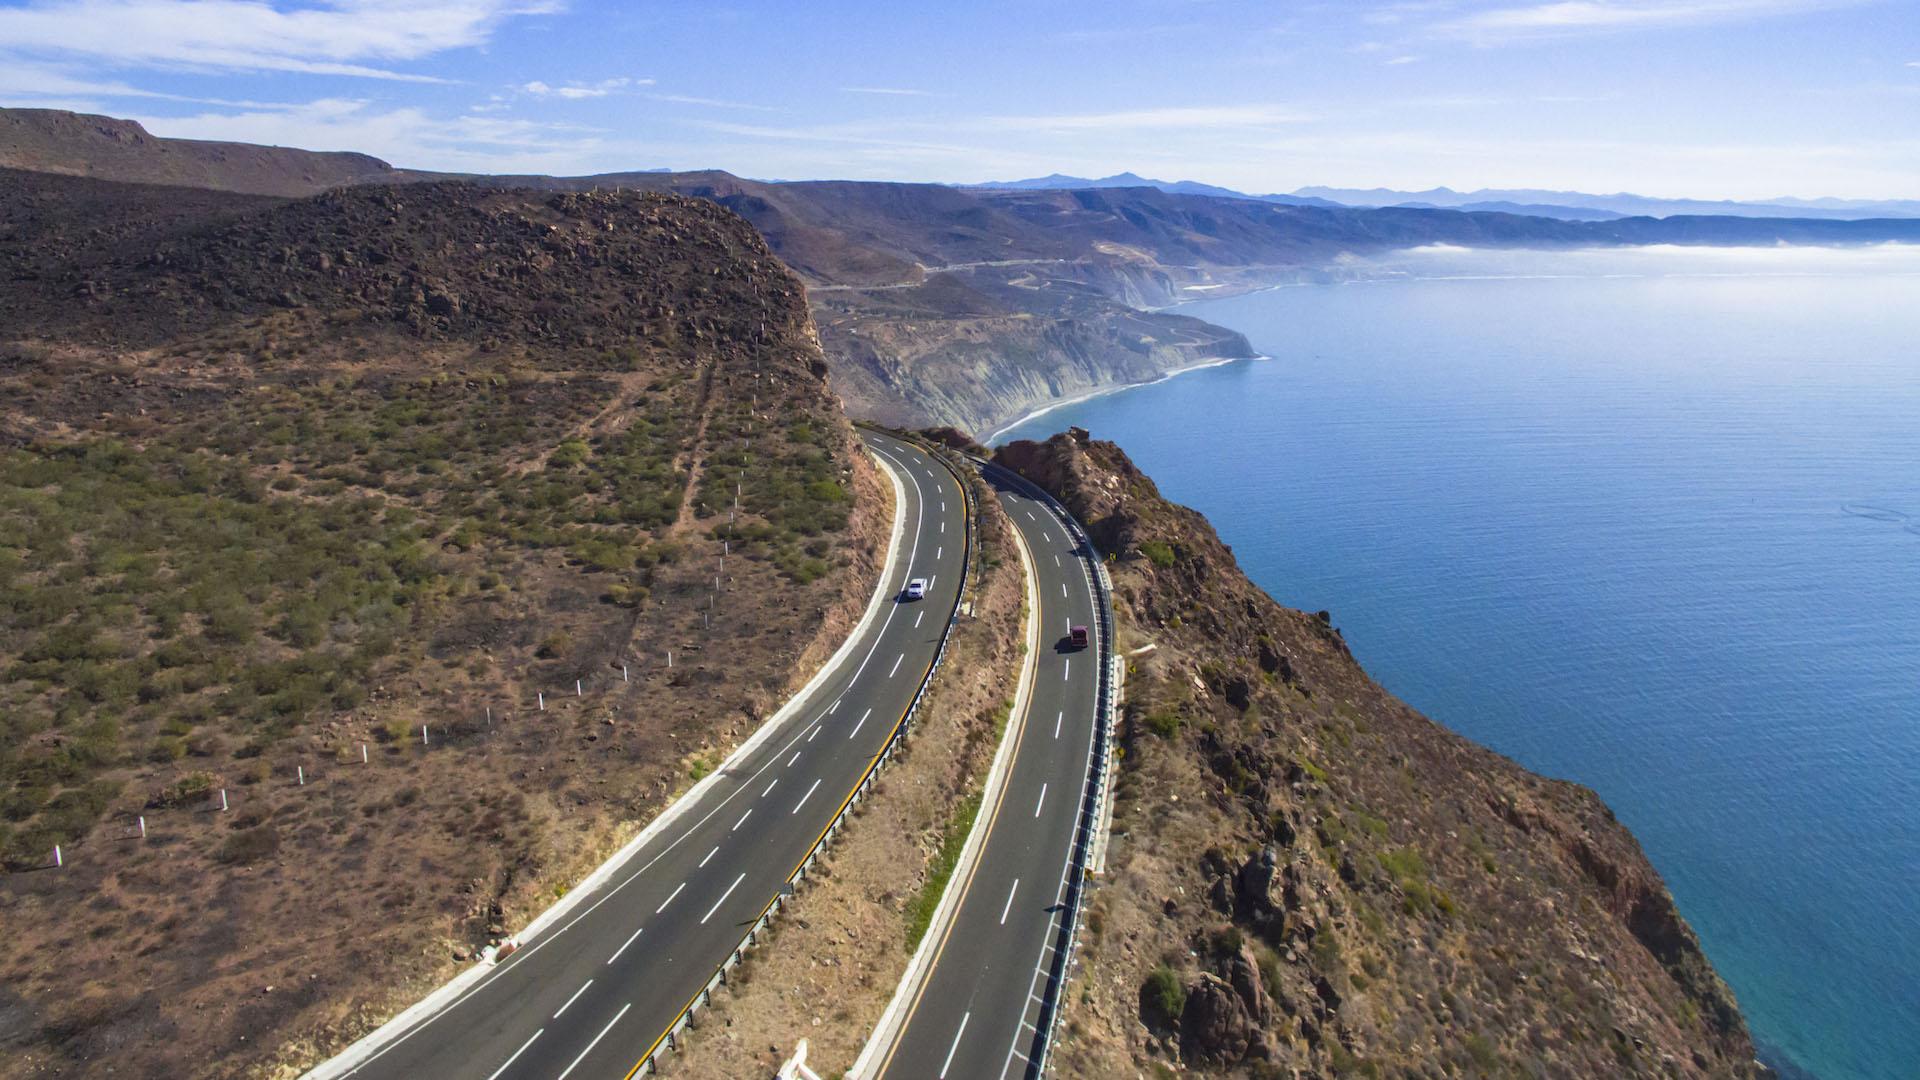 Ensenada La Bufadora Baja California